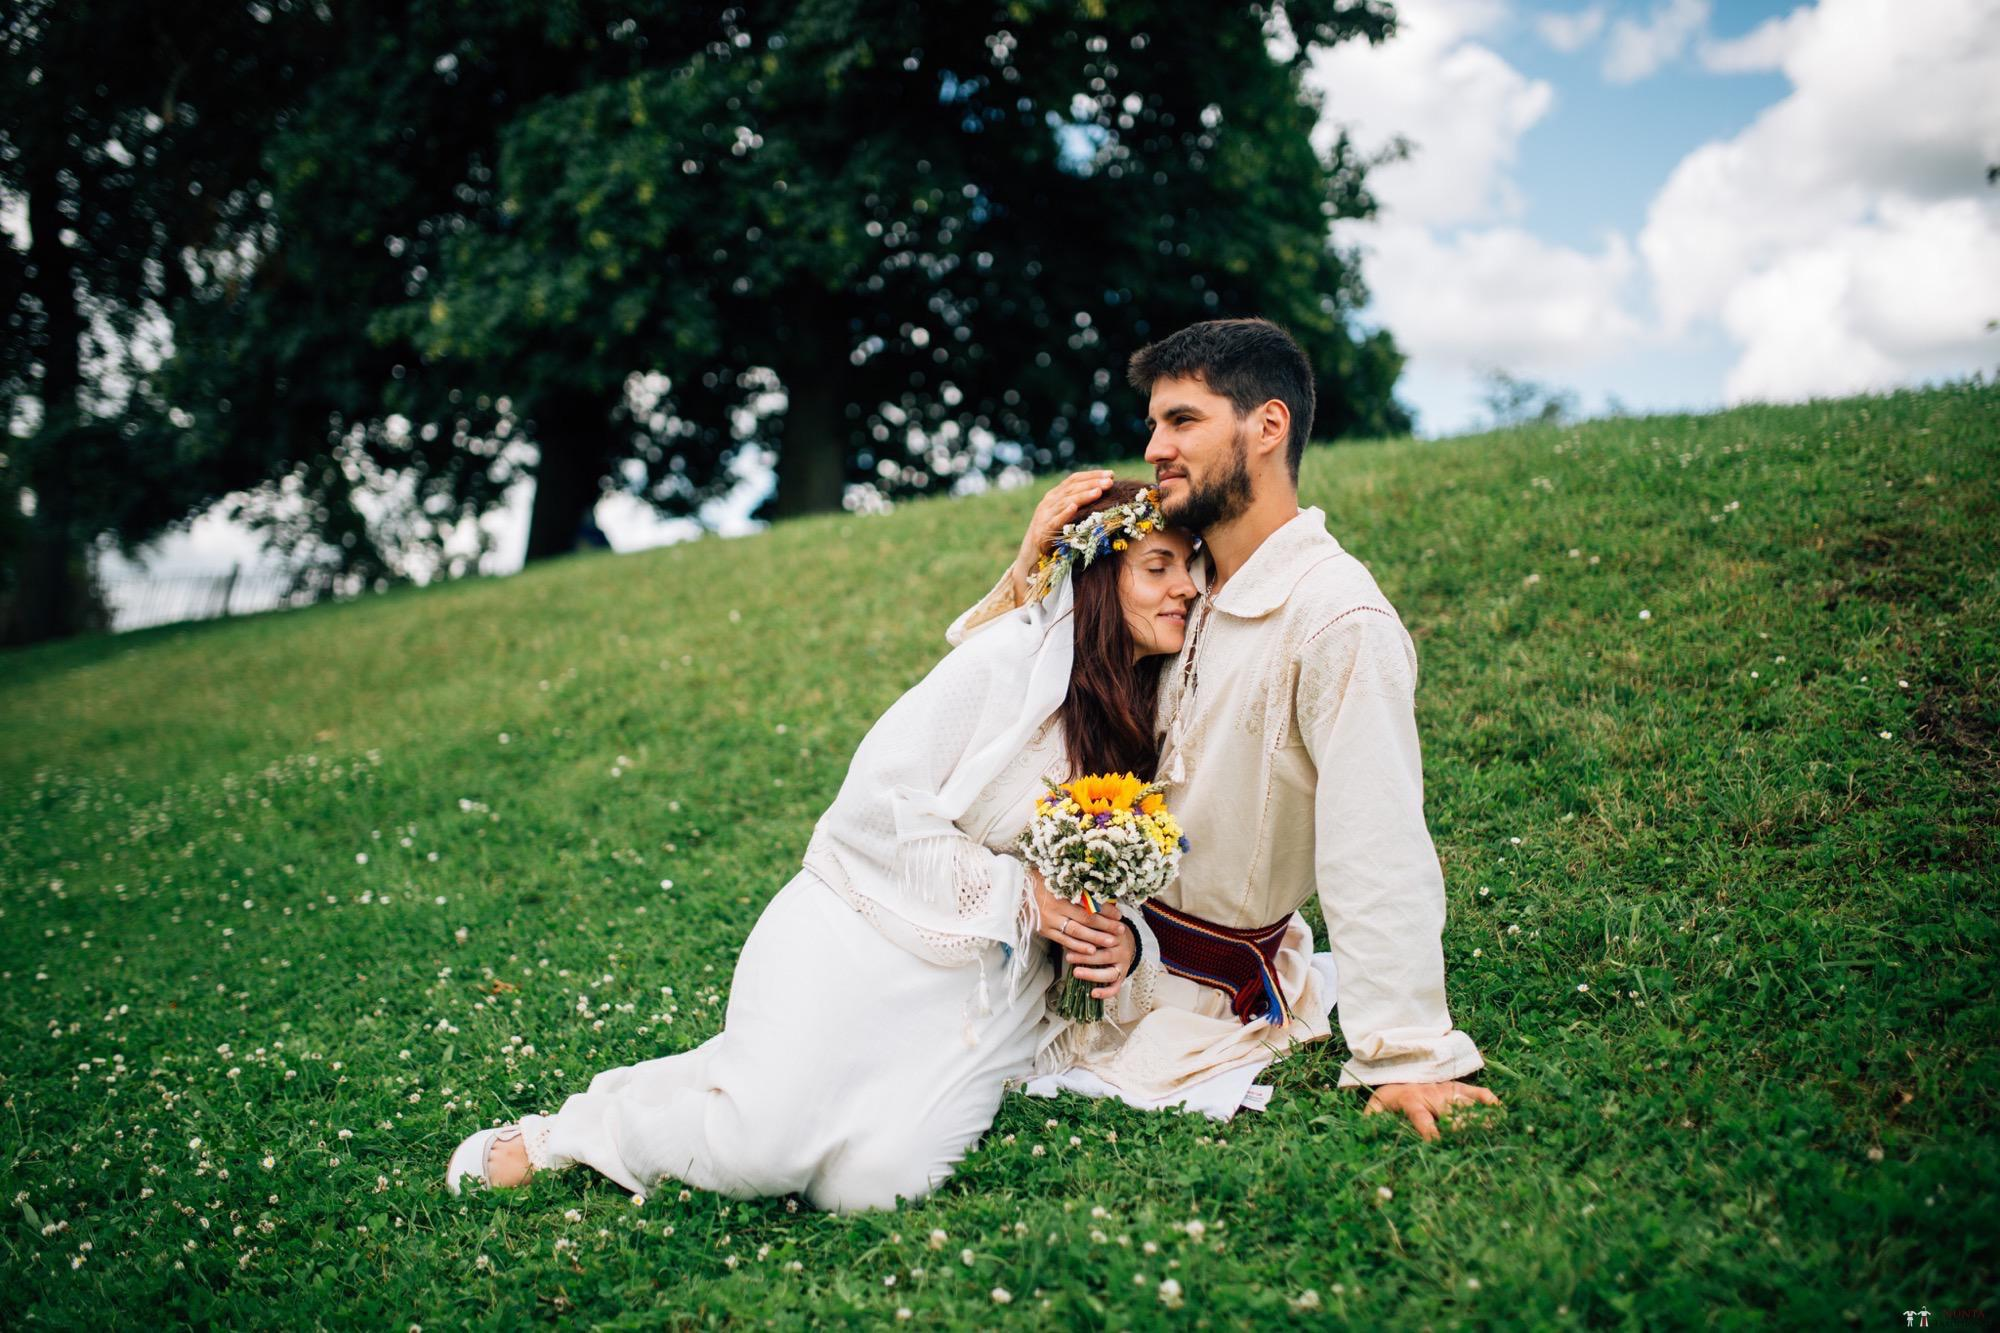 Povești Nunți Tradiționale - Gabriela și Iulian. Nuntă românească în Belgia. 4